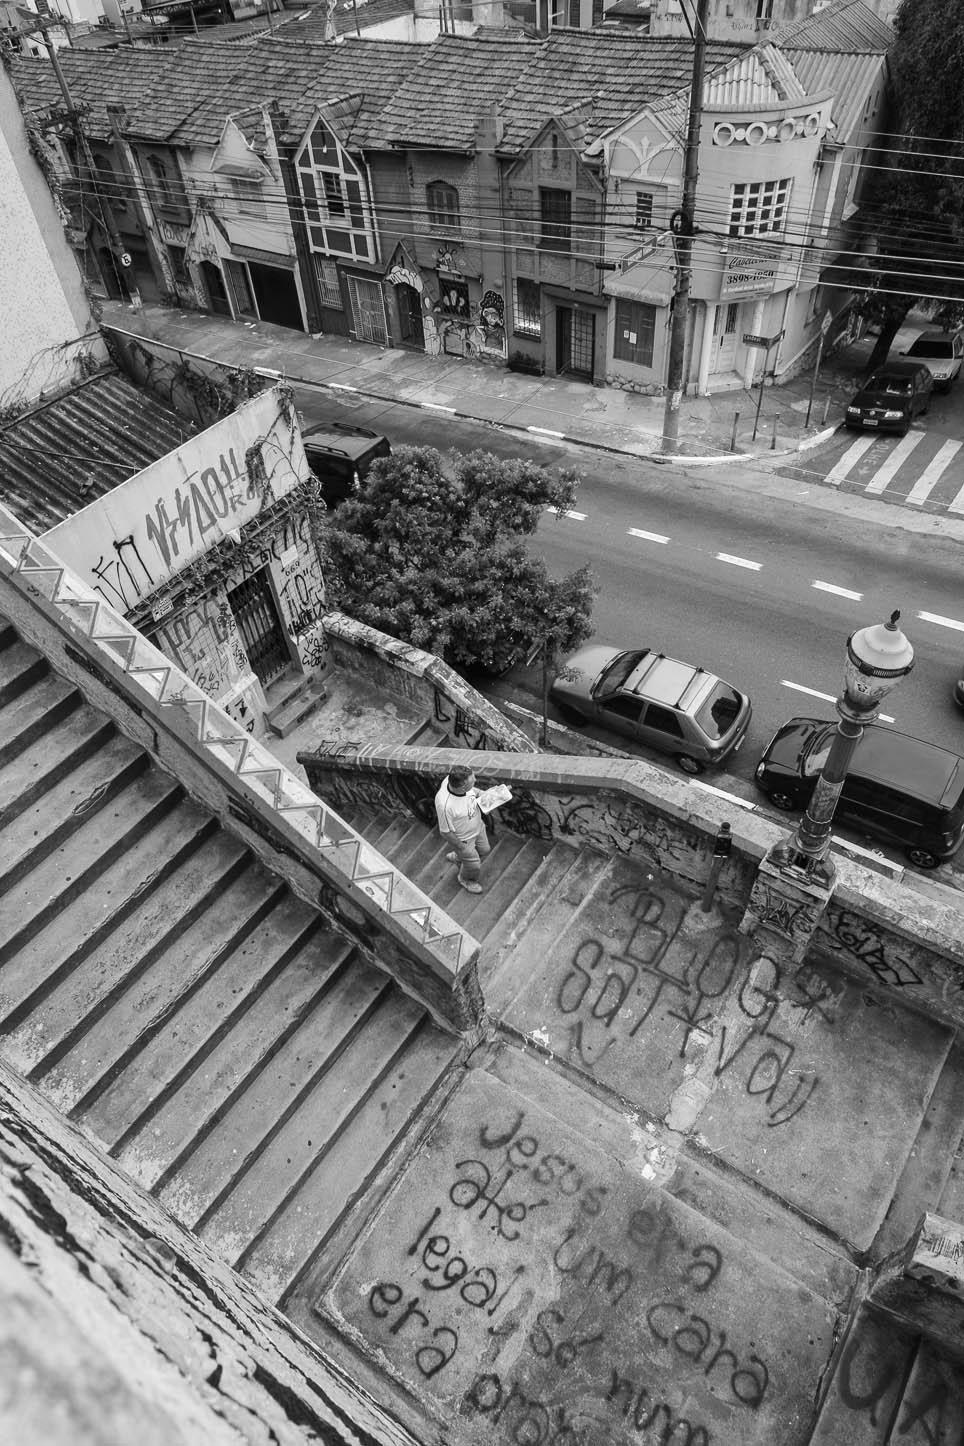 Escadaria da rua Cardeal Arco Verde